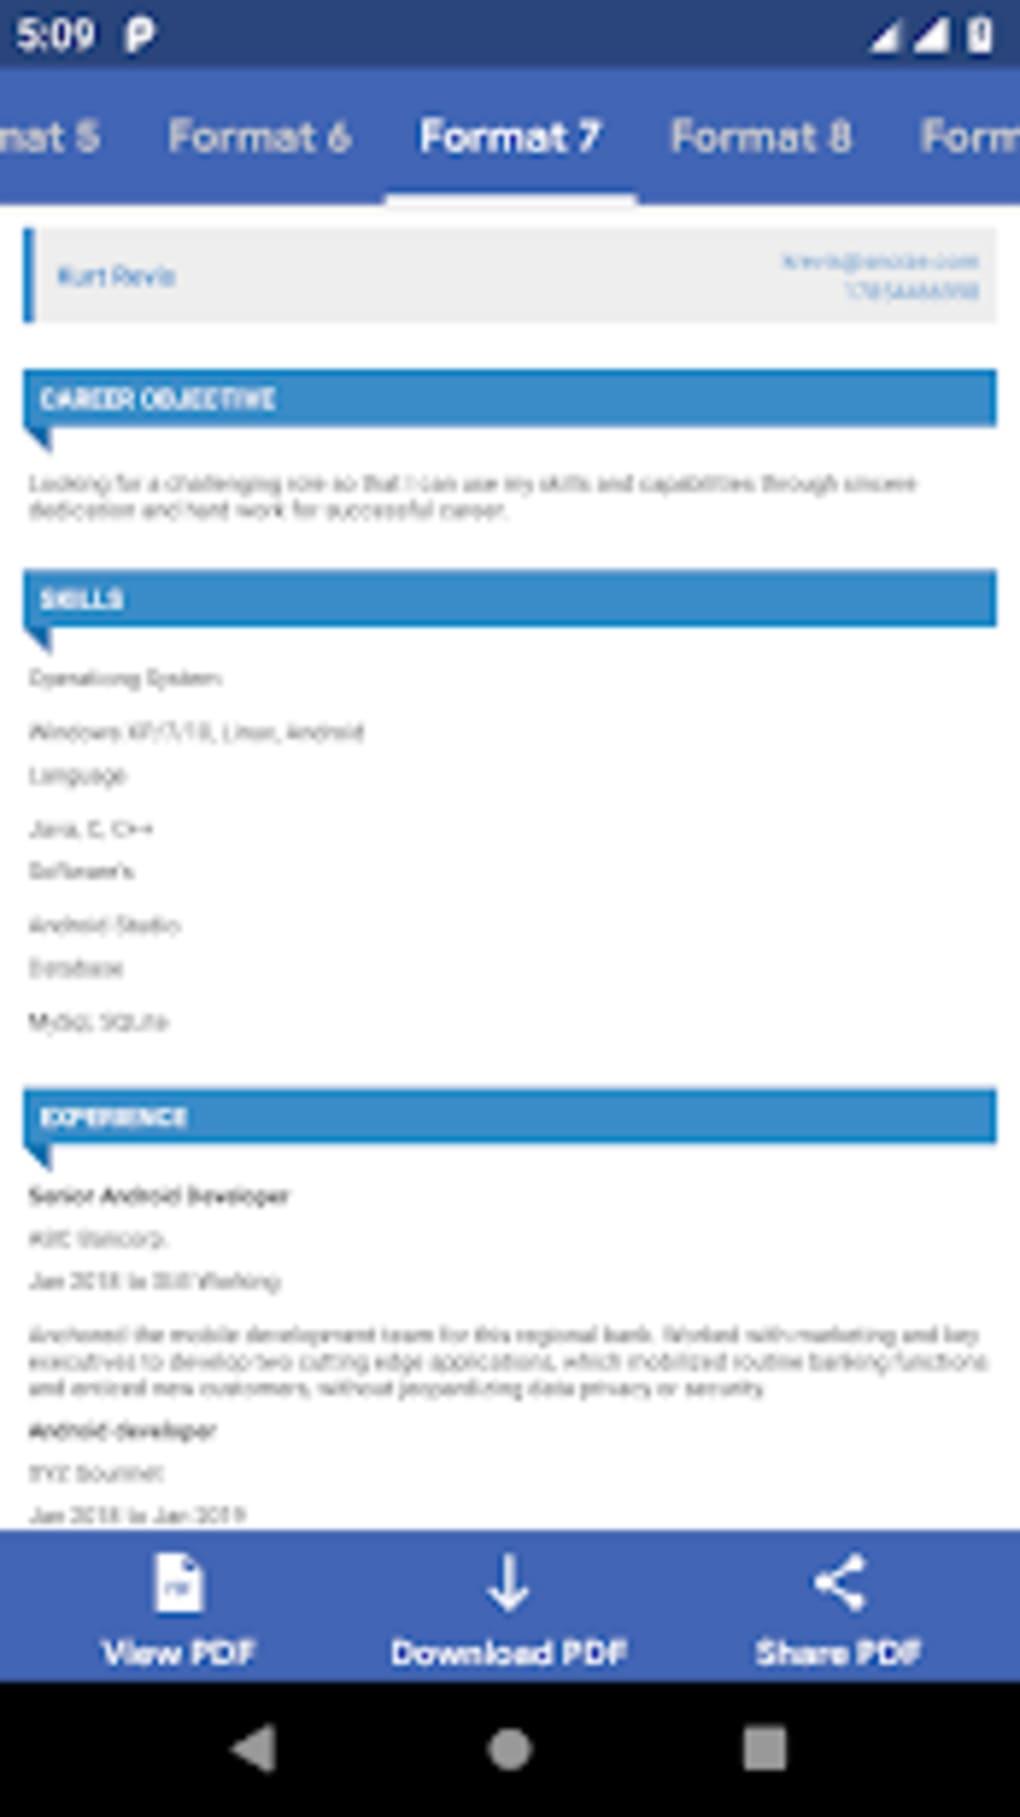 Resume PDF Maker - CV Maker for Android - Download